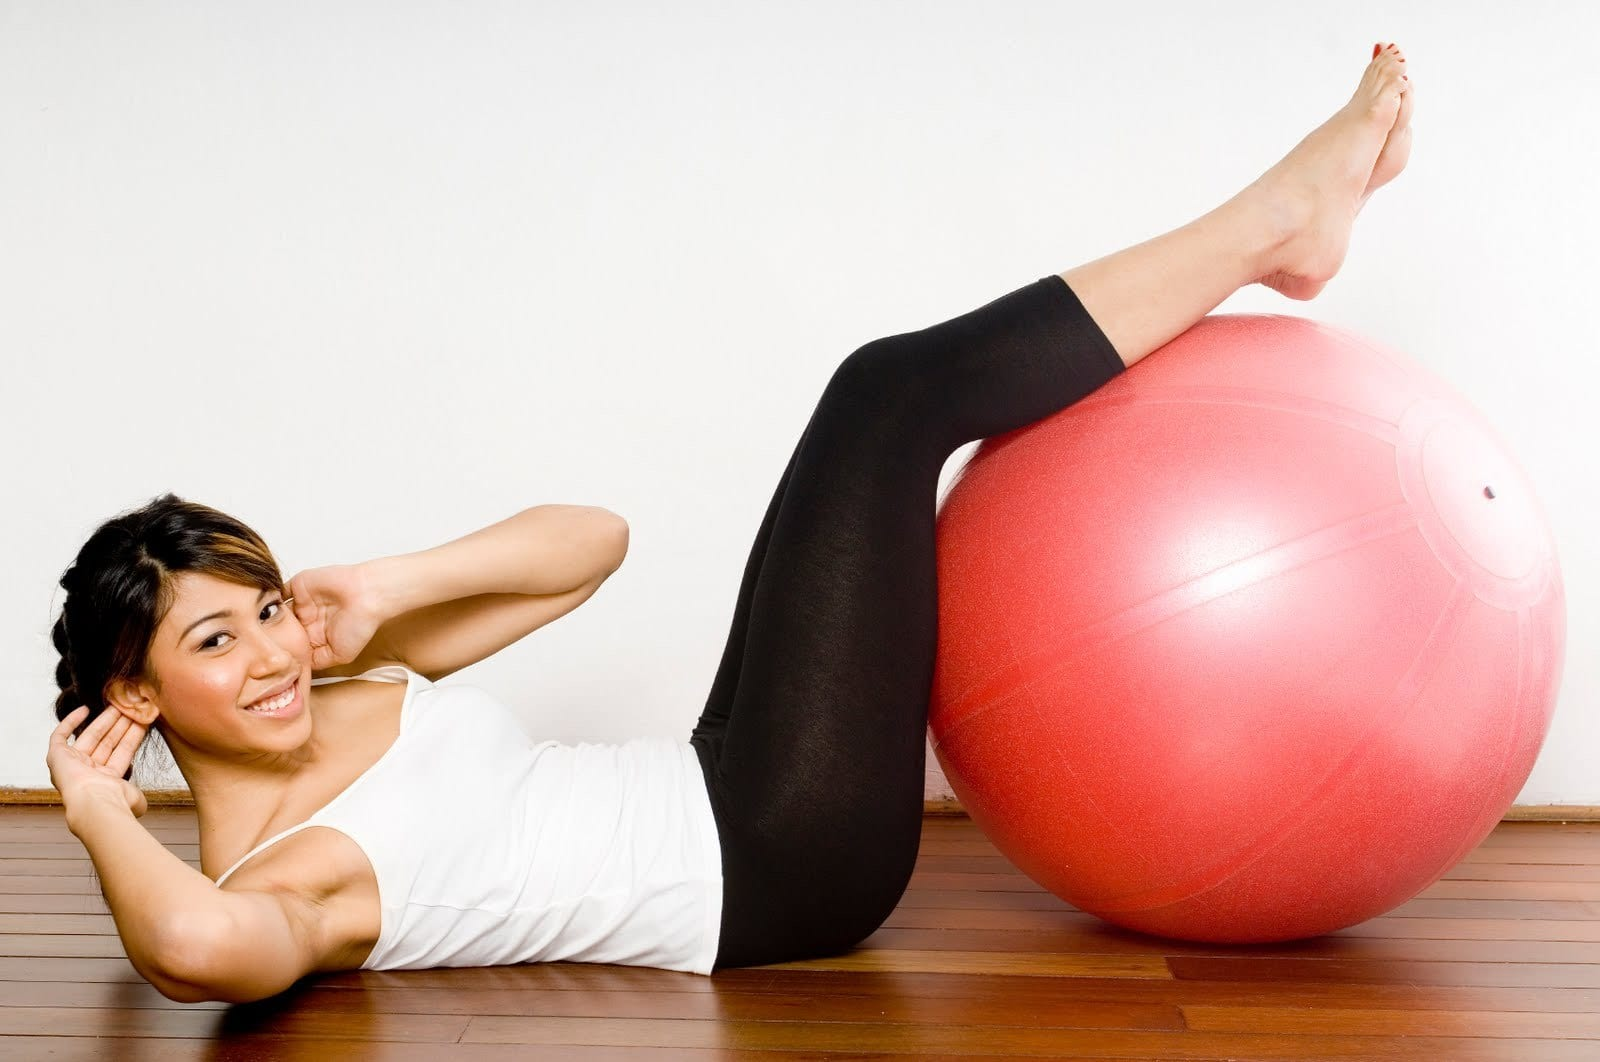 Каким Спортом Чтобы Похудеть. Каким спортом заняться, чтобы похудеть: выбор тренировки для быстрого результата